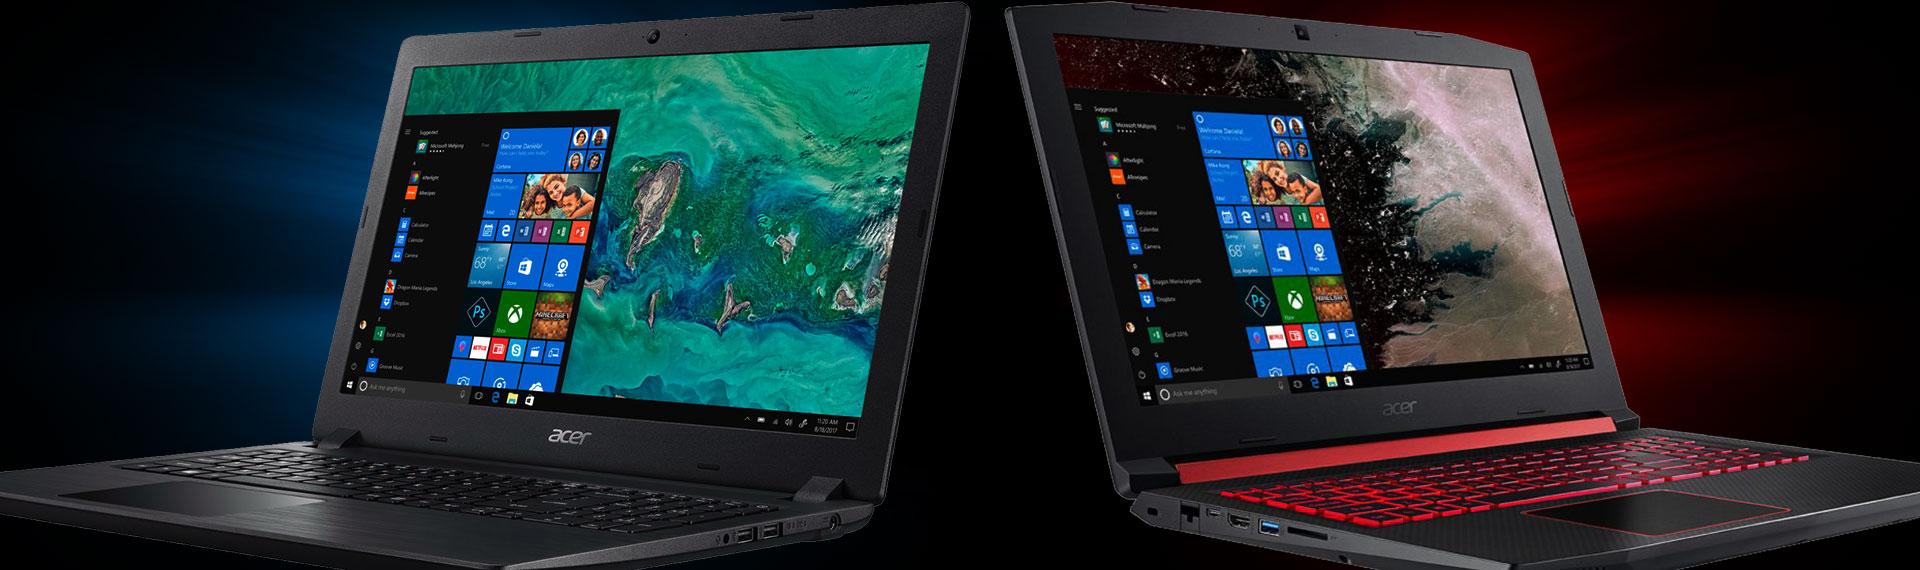 Nggak Harus Mahal, Ini Laptop Gaming 10 jutaan Untuk Nge-Game!